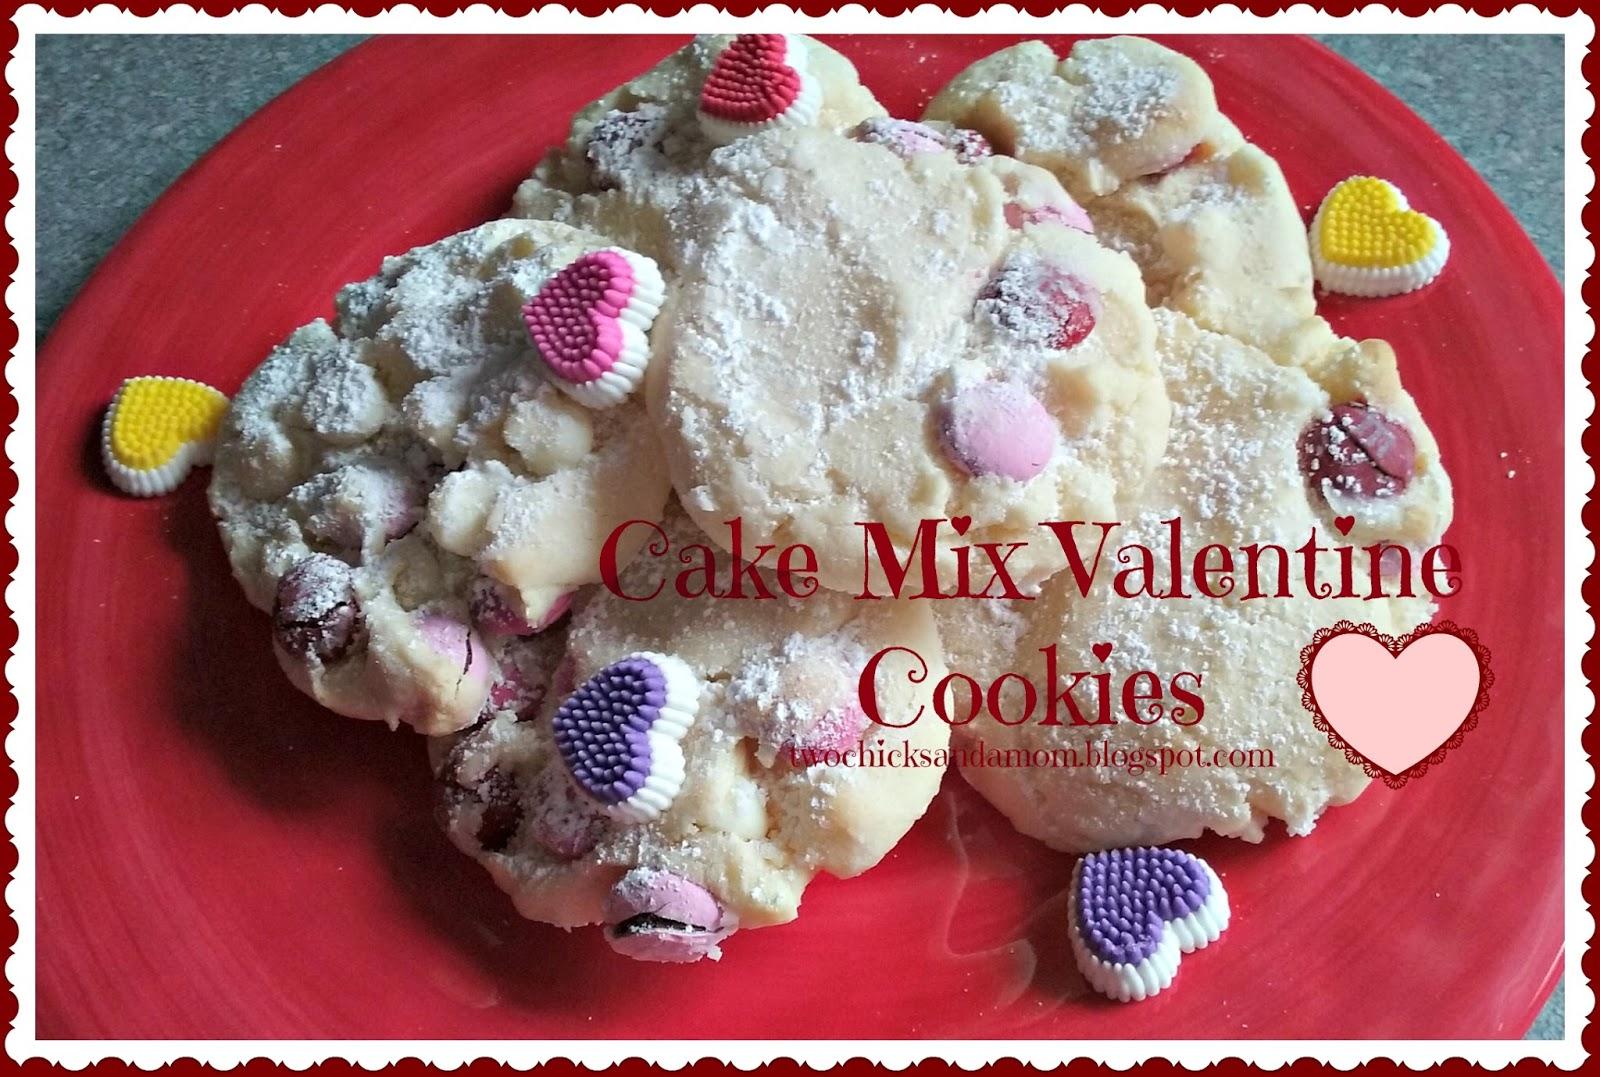 Ein weiteres Bild von valentines day cake mix Valentines Day Cake Mix